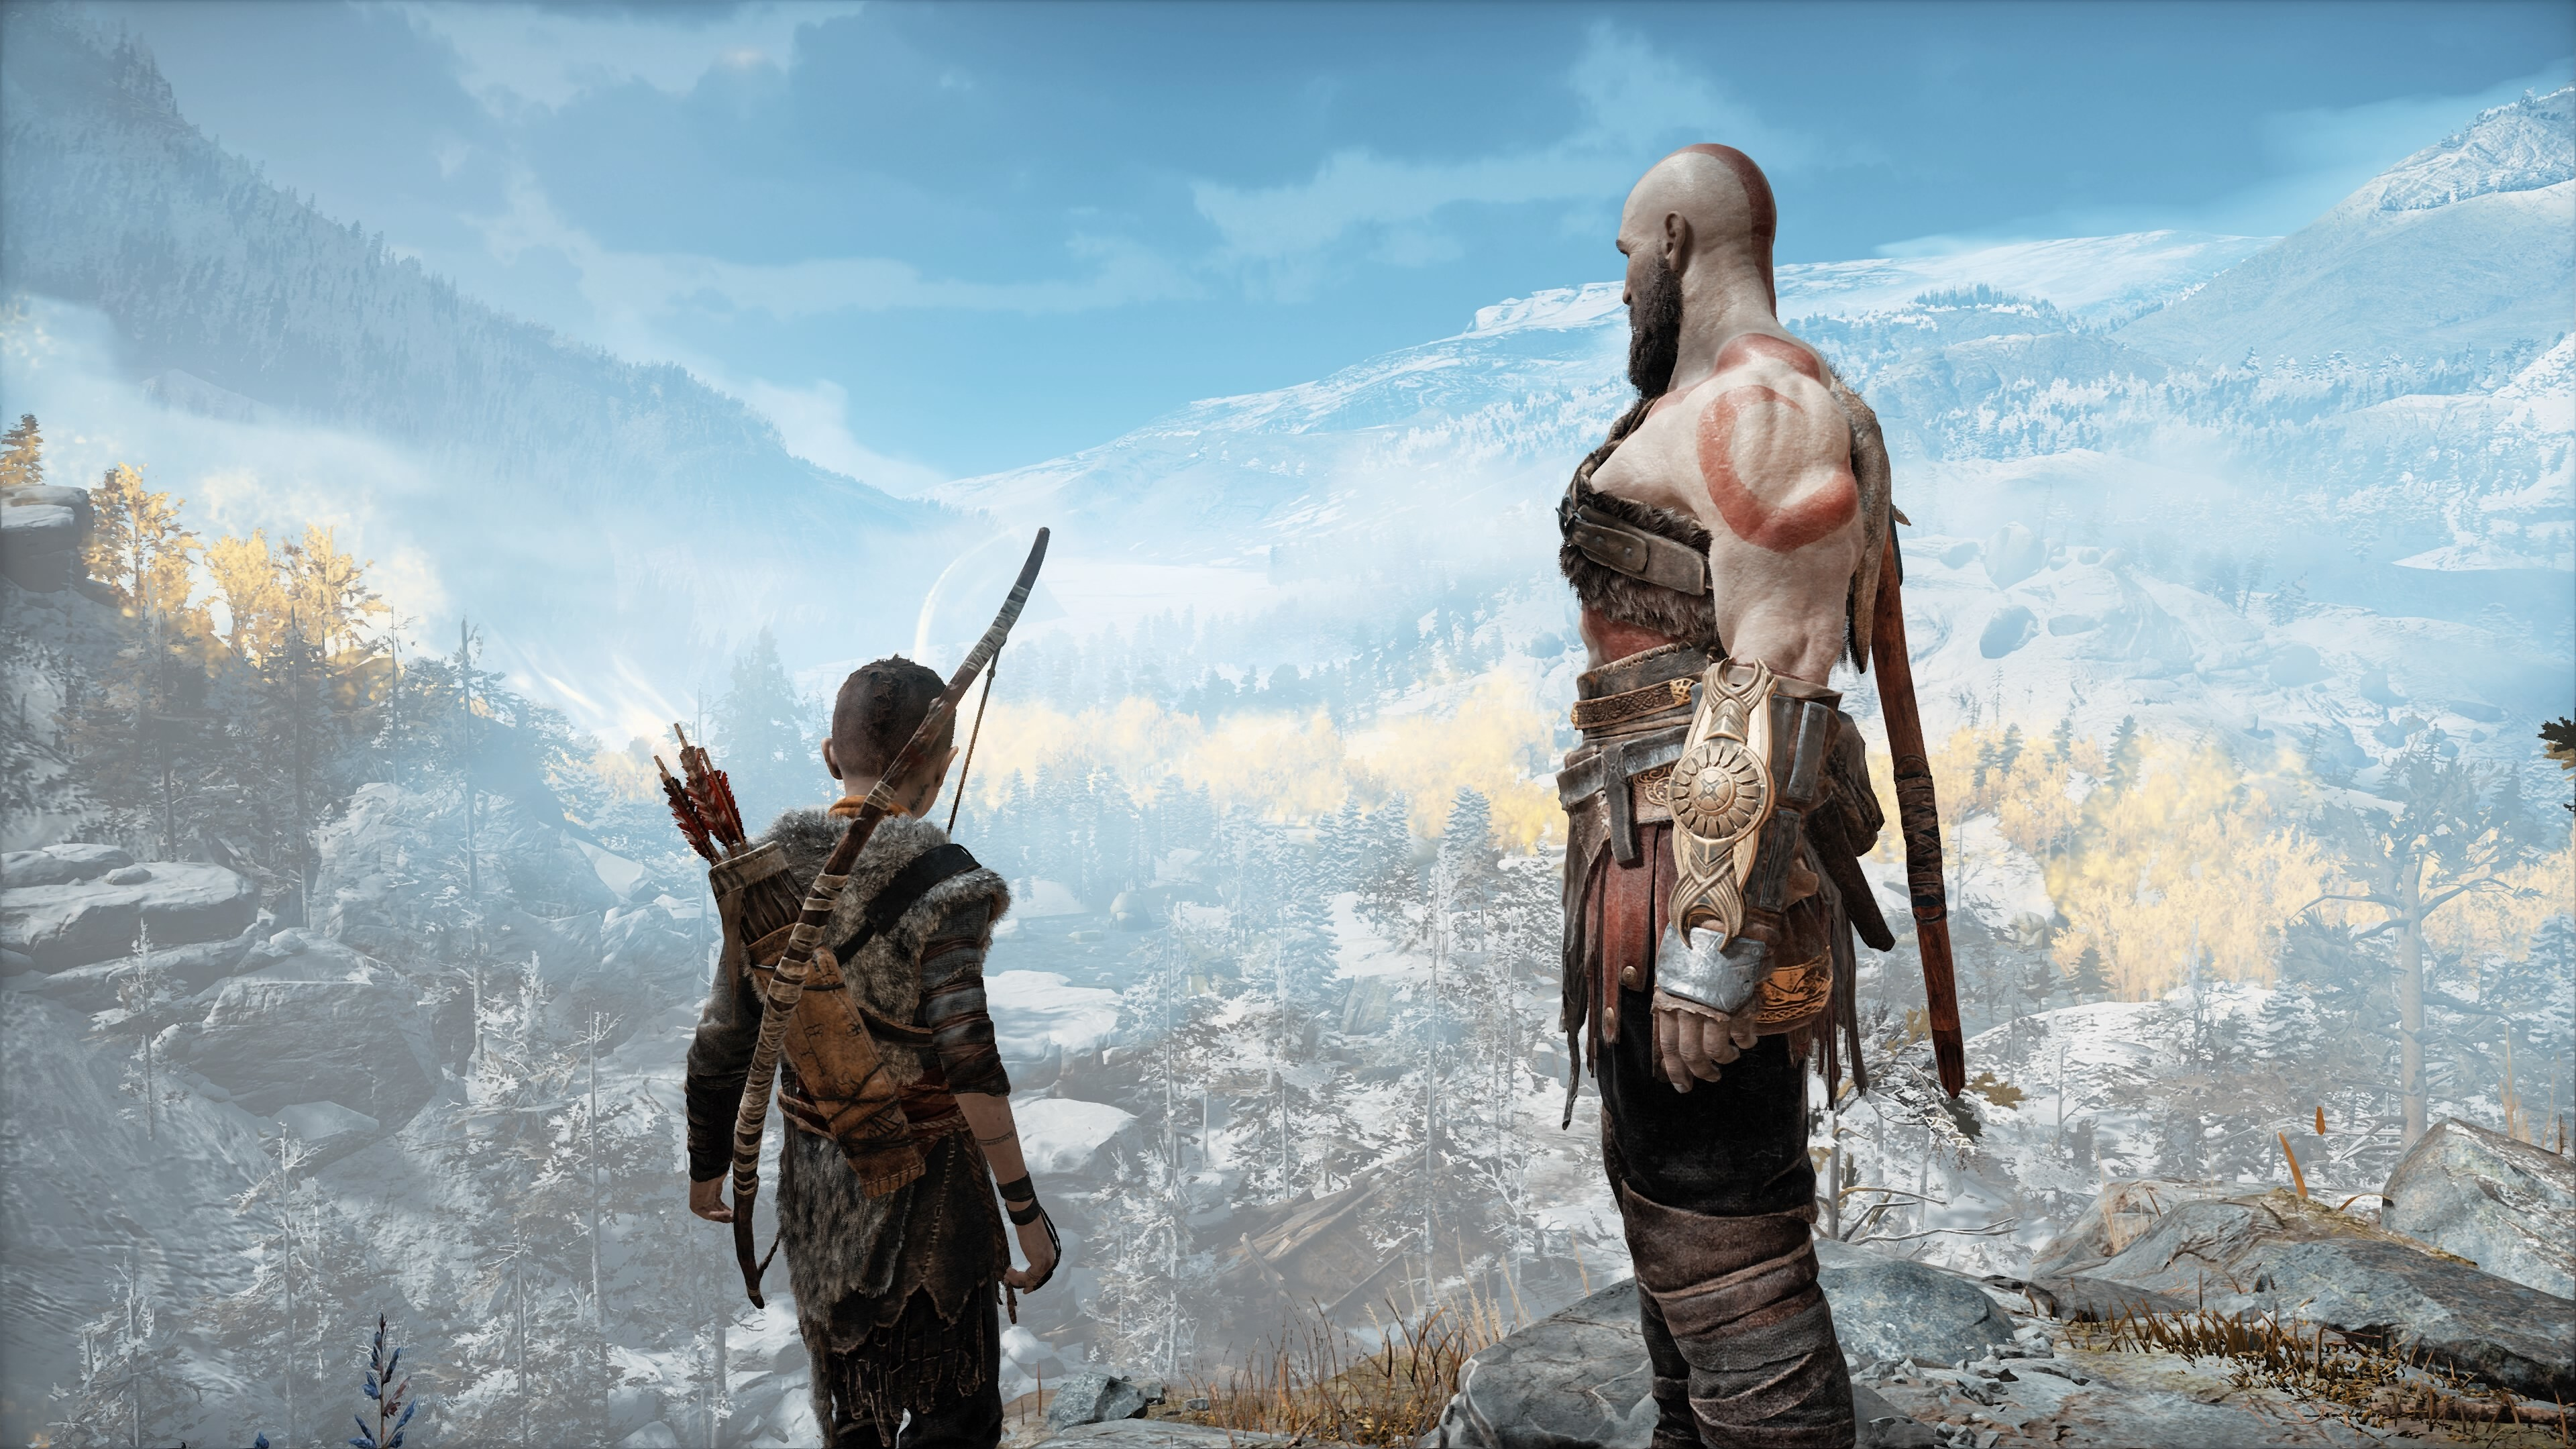 3840x2160 God Of War 4 Kratos And Atreus 4k 4k Hd 4k